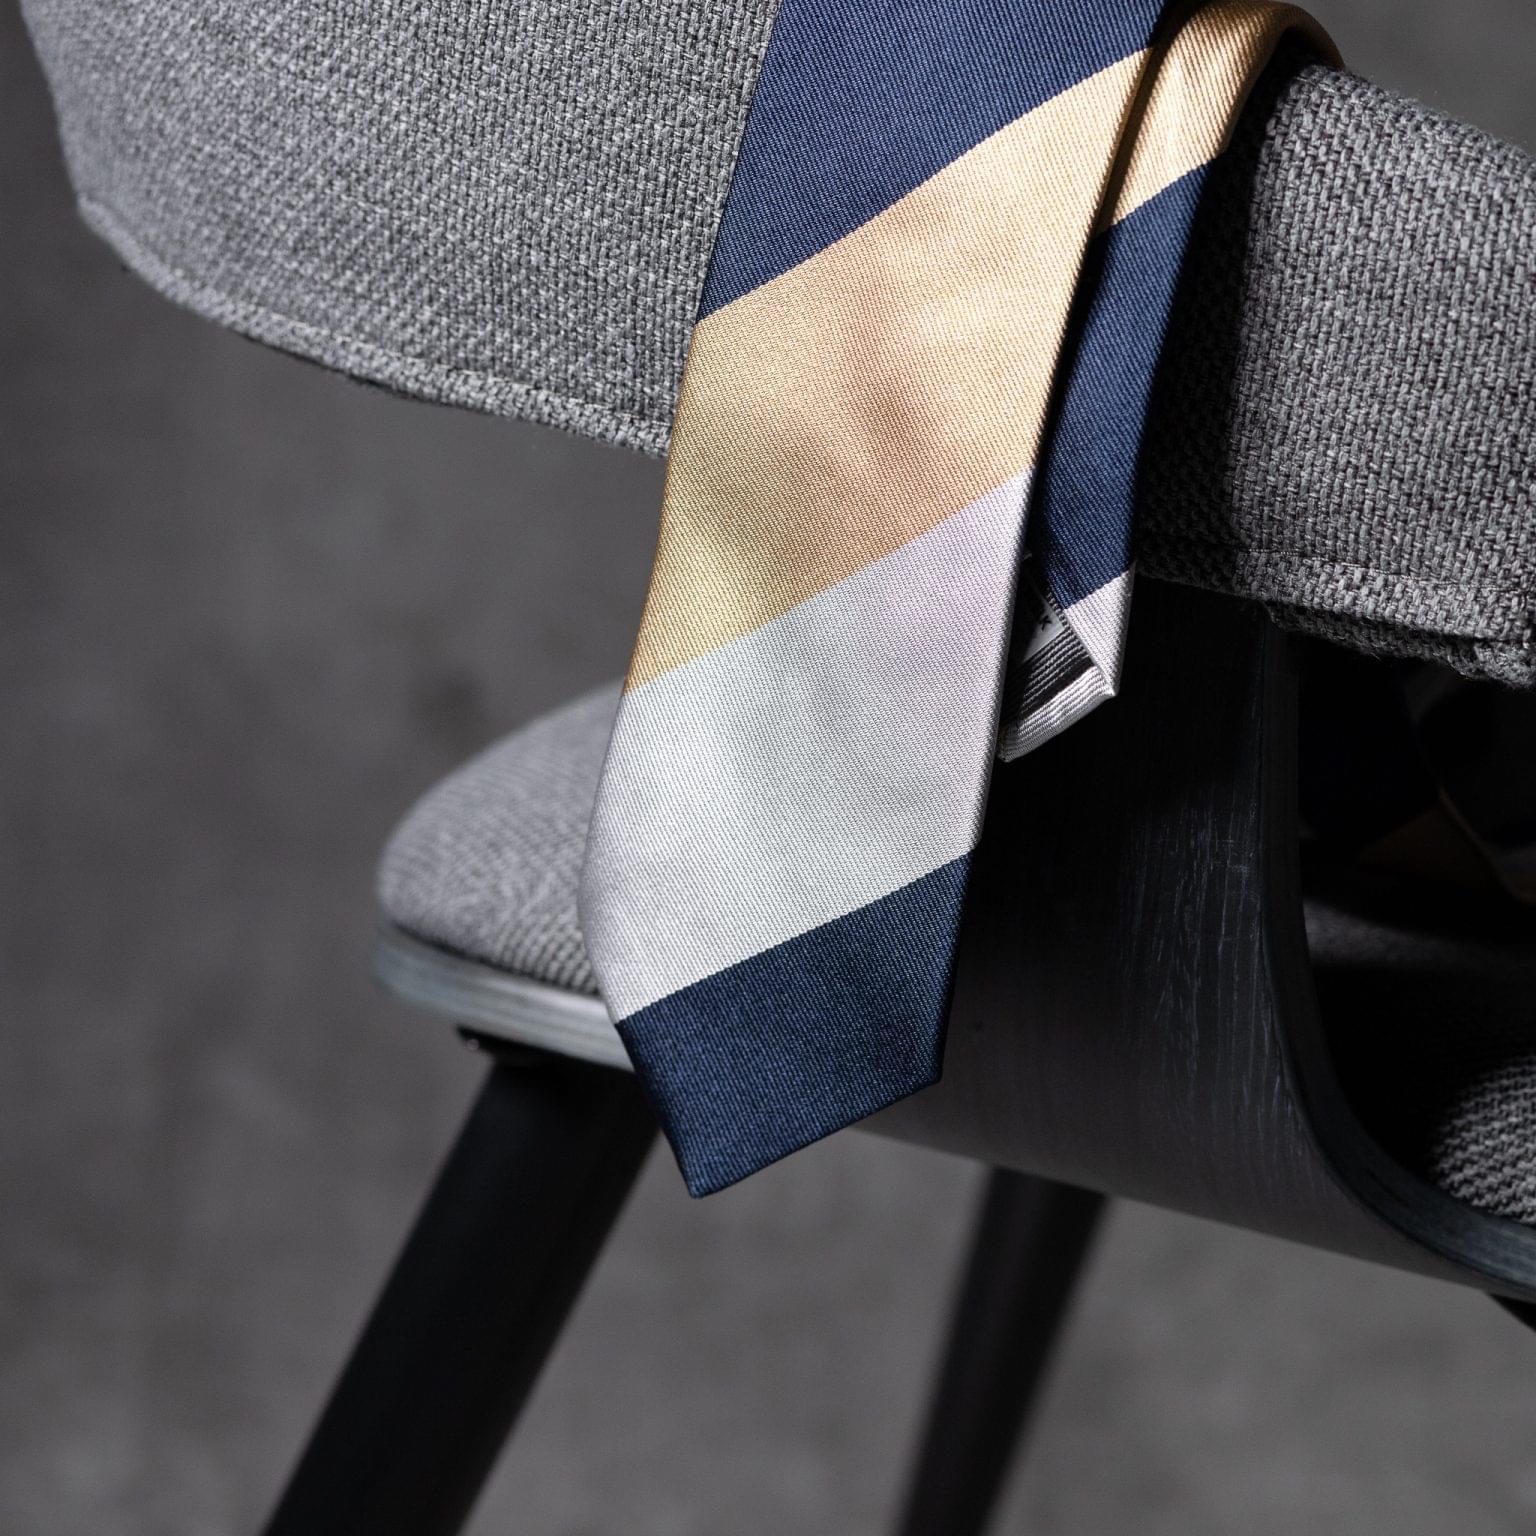 JACQUARD-0541-Tie-Initials-Corbata-Iniciales-The-Seelk-2